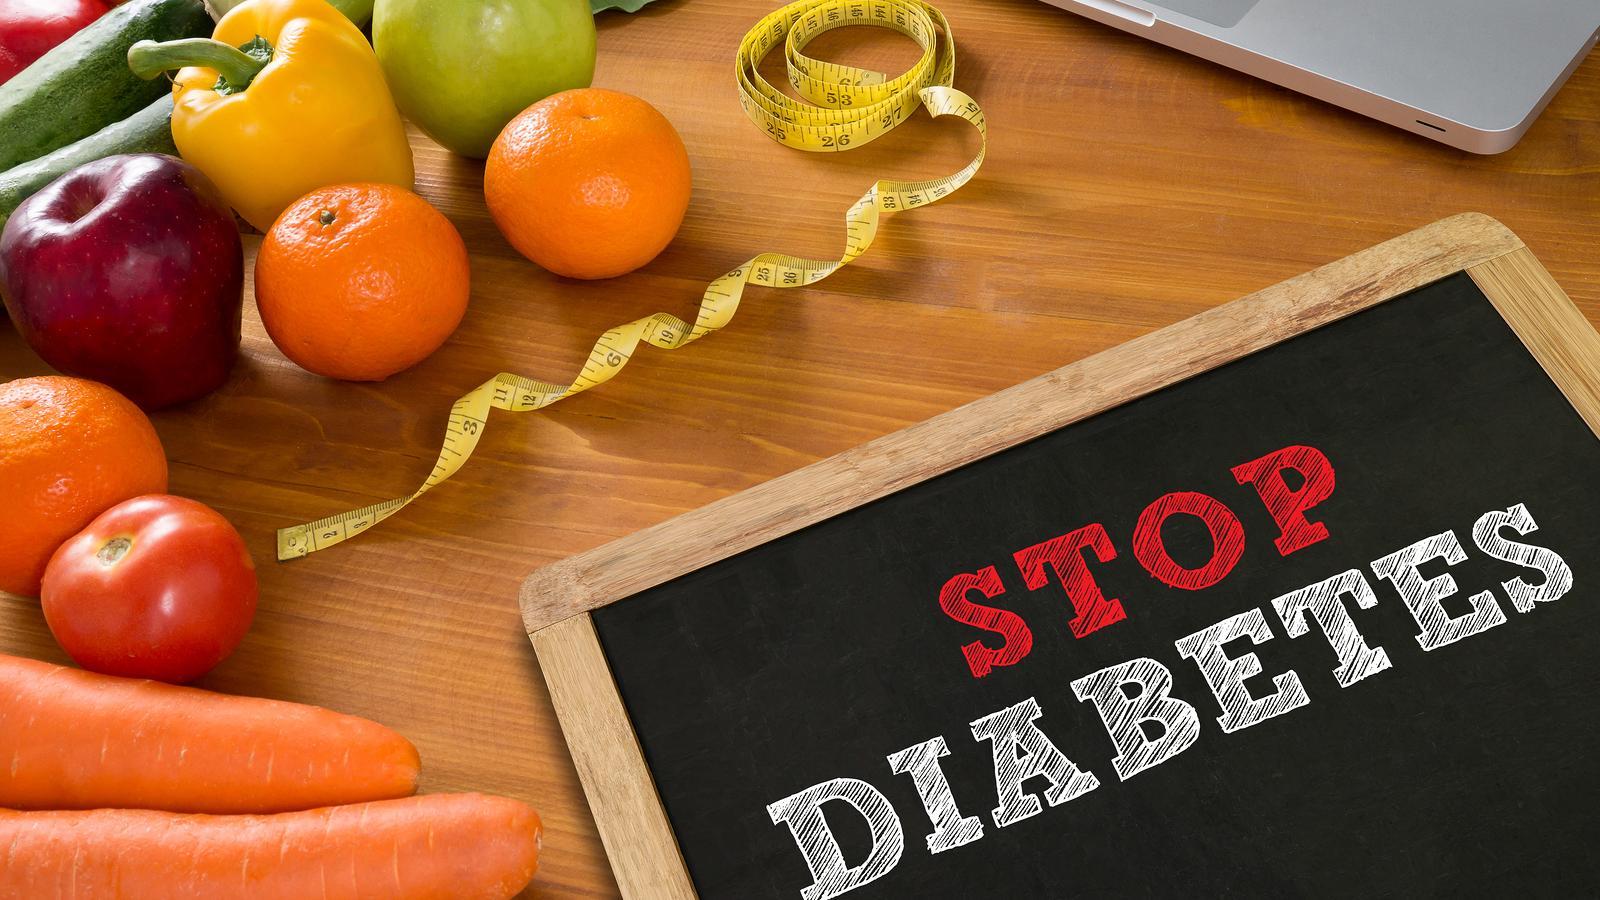 Cukrzyca- rozpoznaj pierwsze objawy!